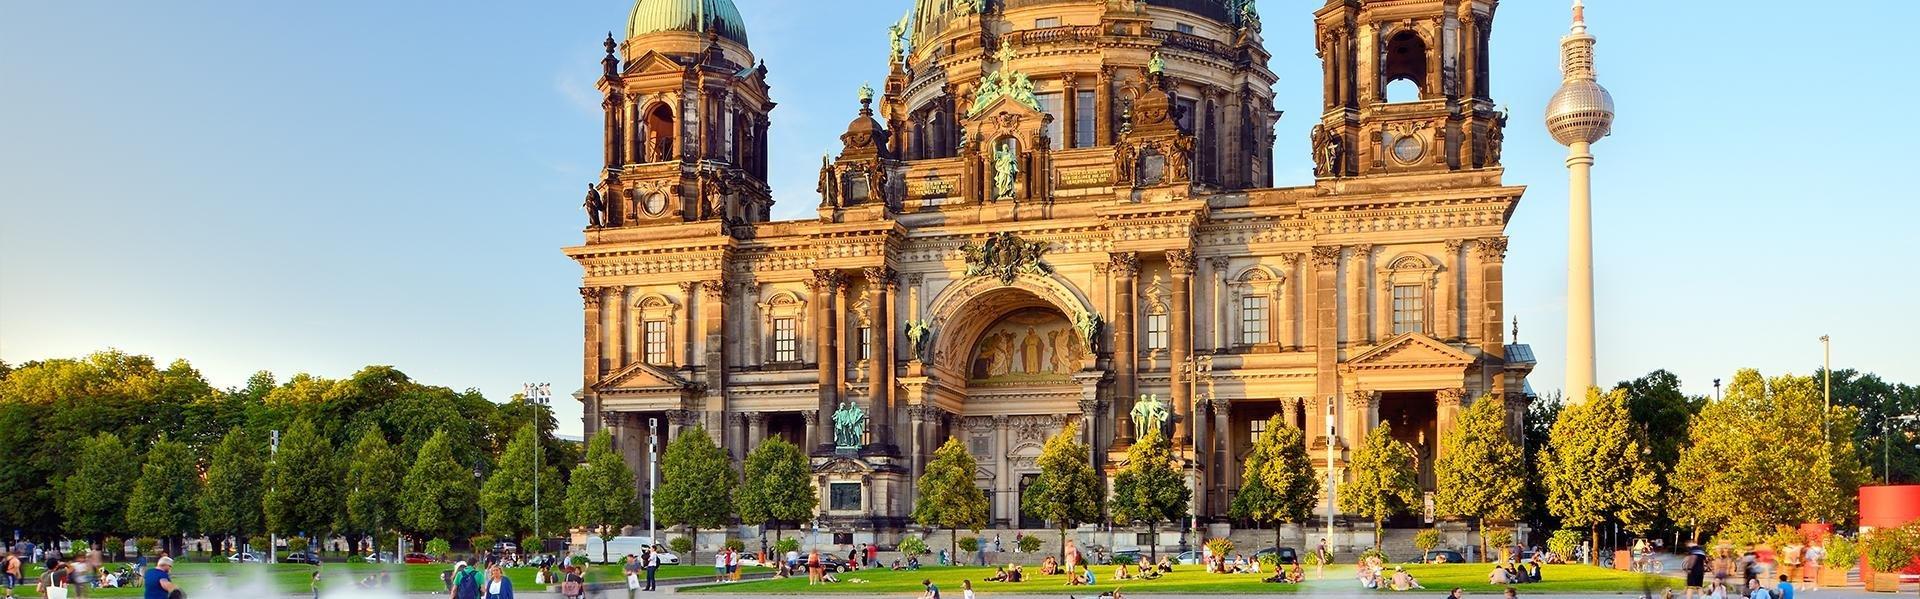 Berliner Dom in Berlijn, Duitsland